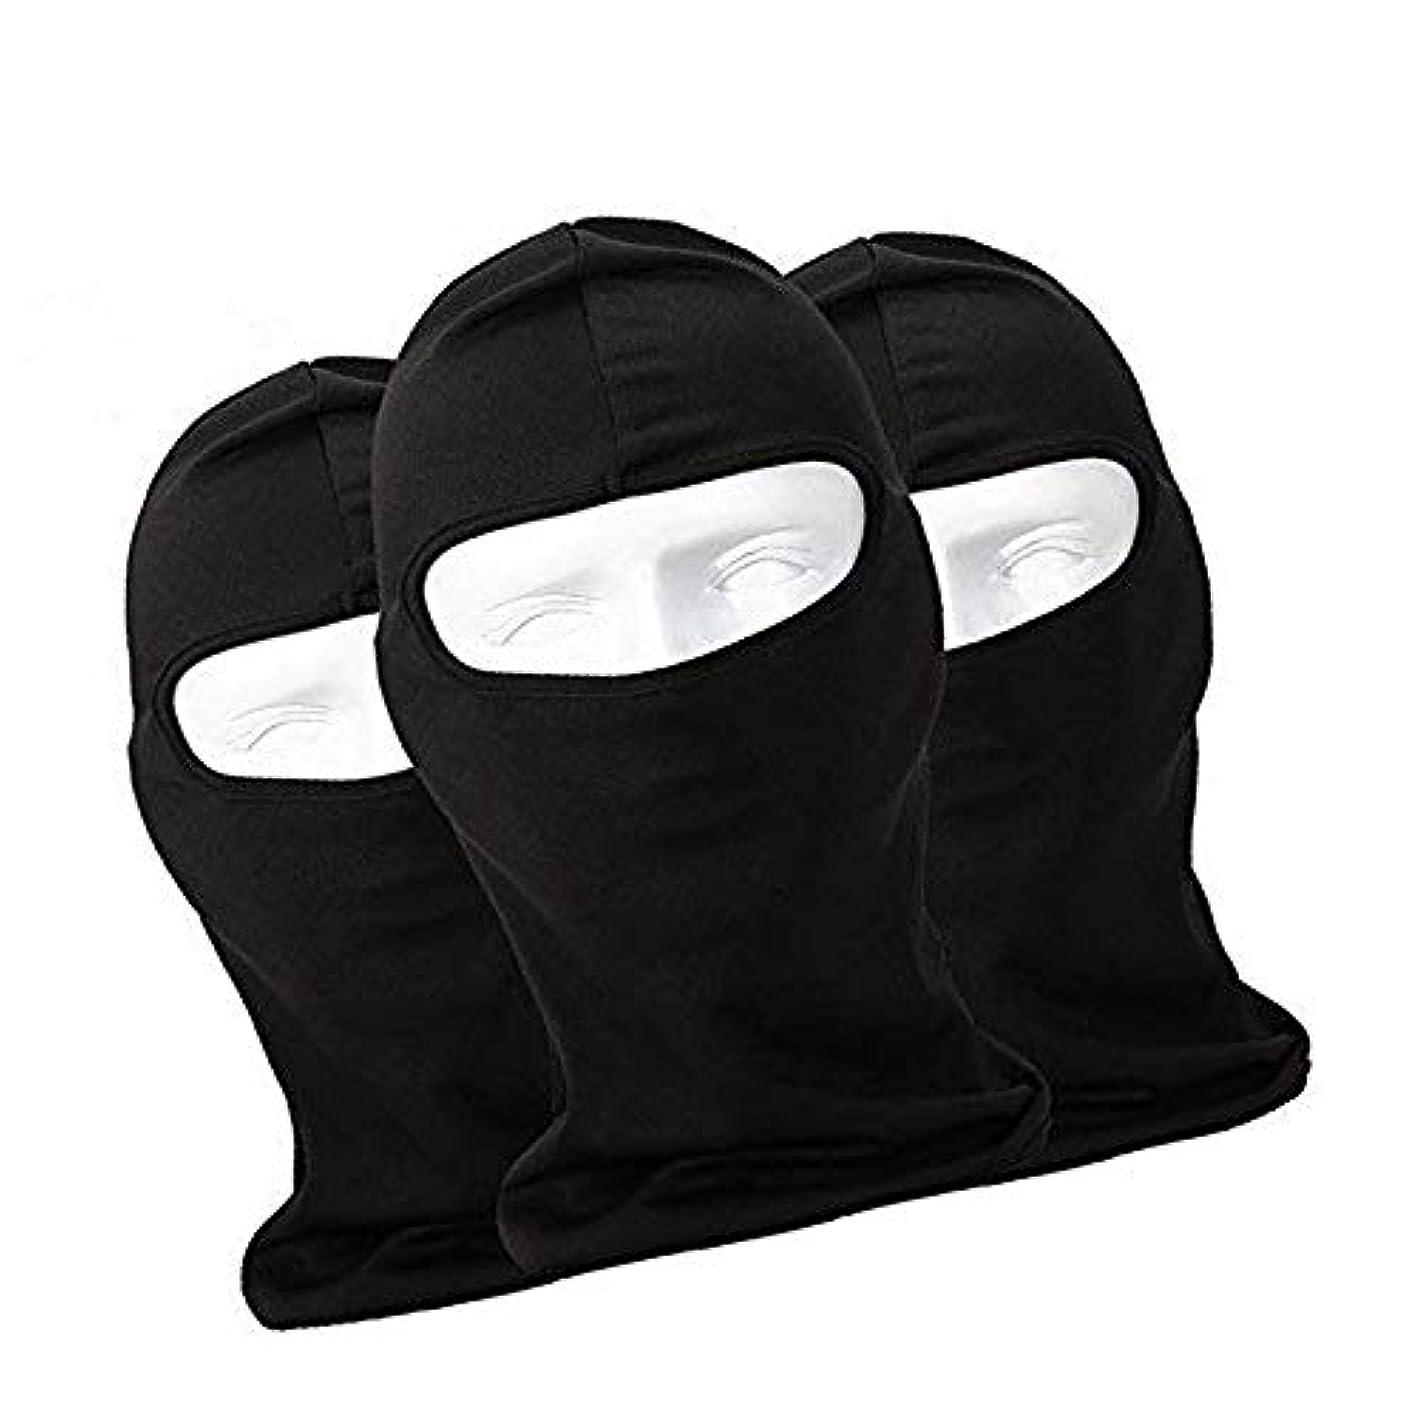 一貫した保育園退院フェイスマスク 通気 速乾 ヘッドウェア ライクラ生地 目だし帽 バラクラバ 保温 UVカット,ブラック,3枚